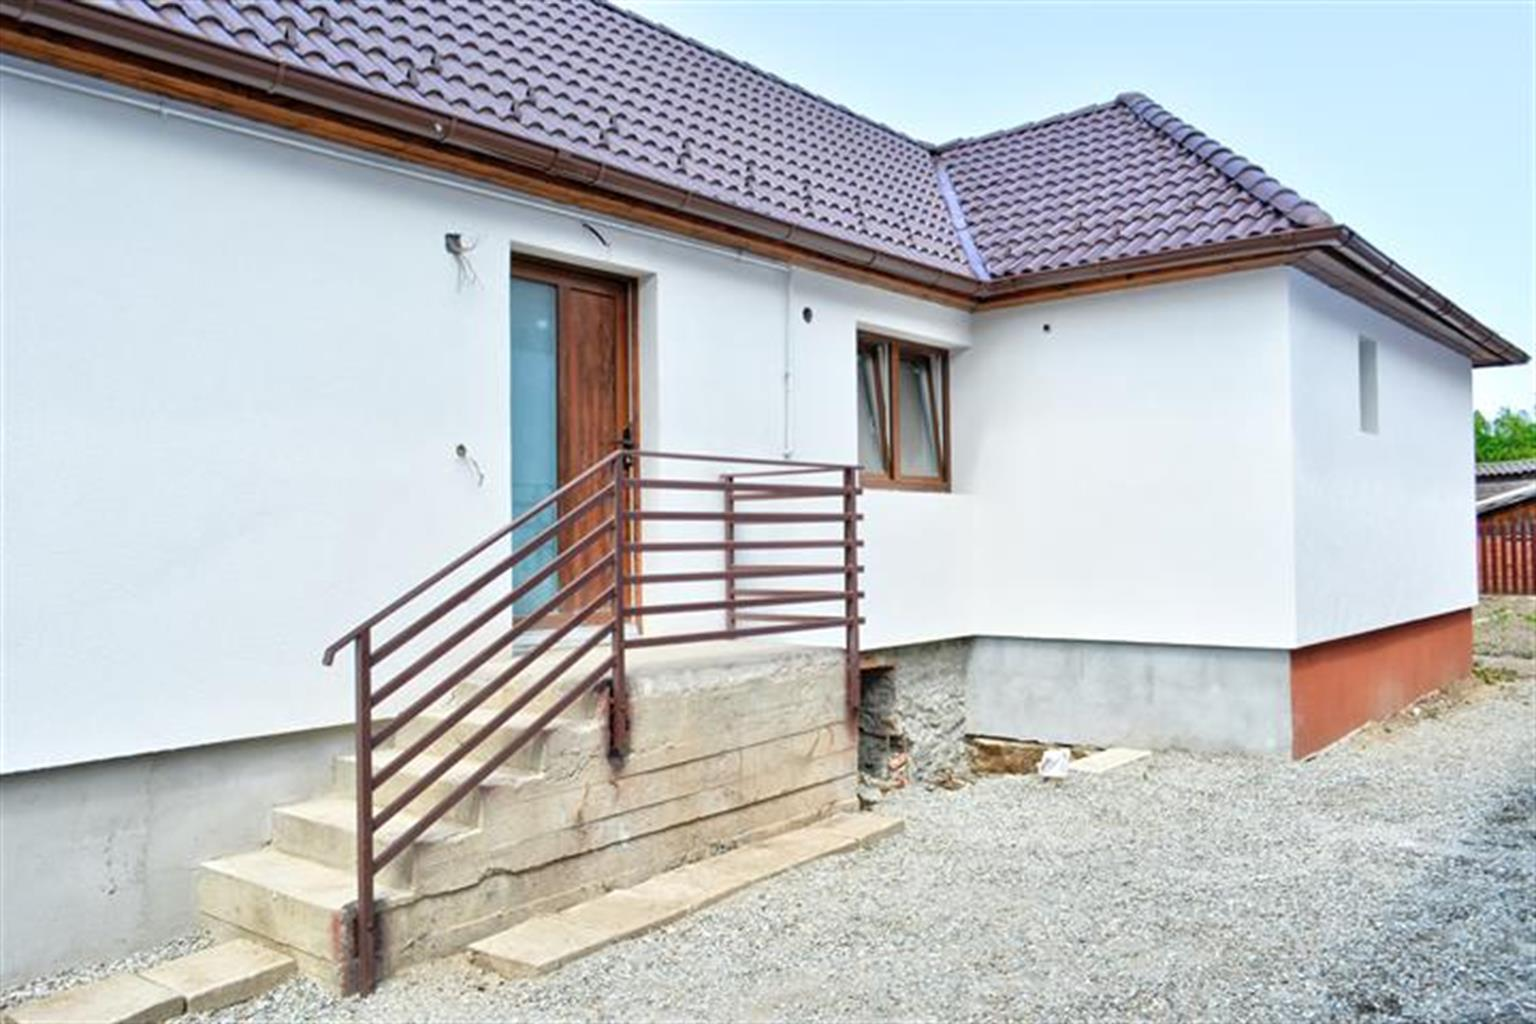 Casa 4 camere singur in curte Turnisor